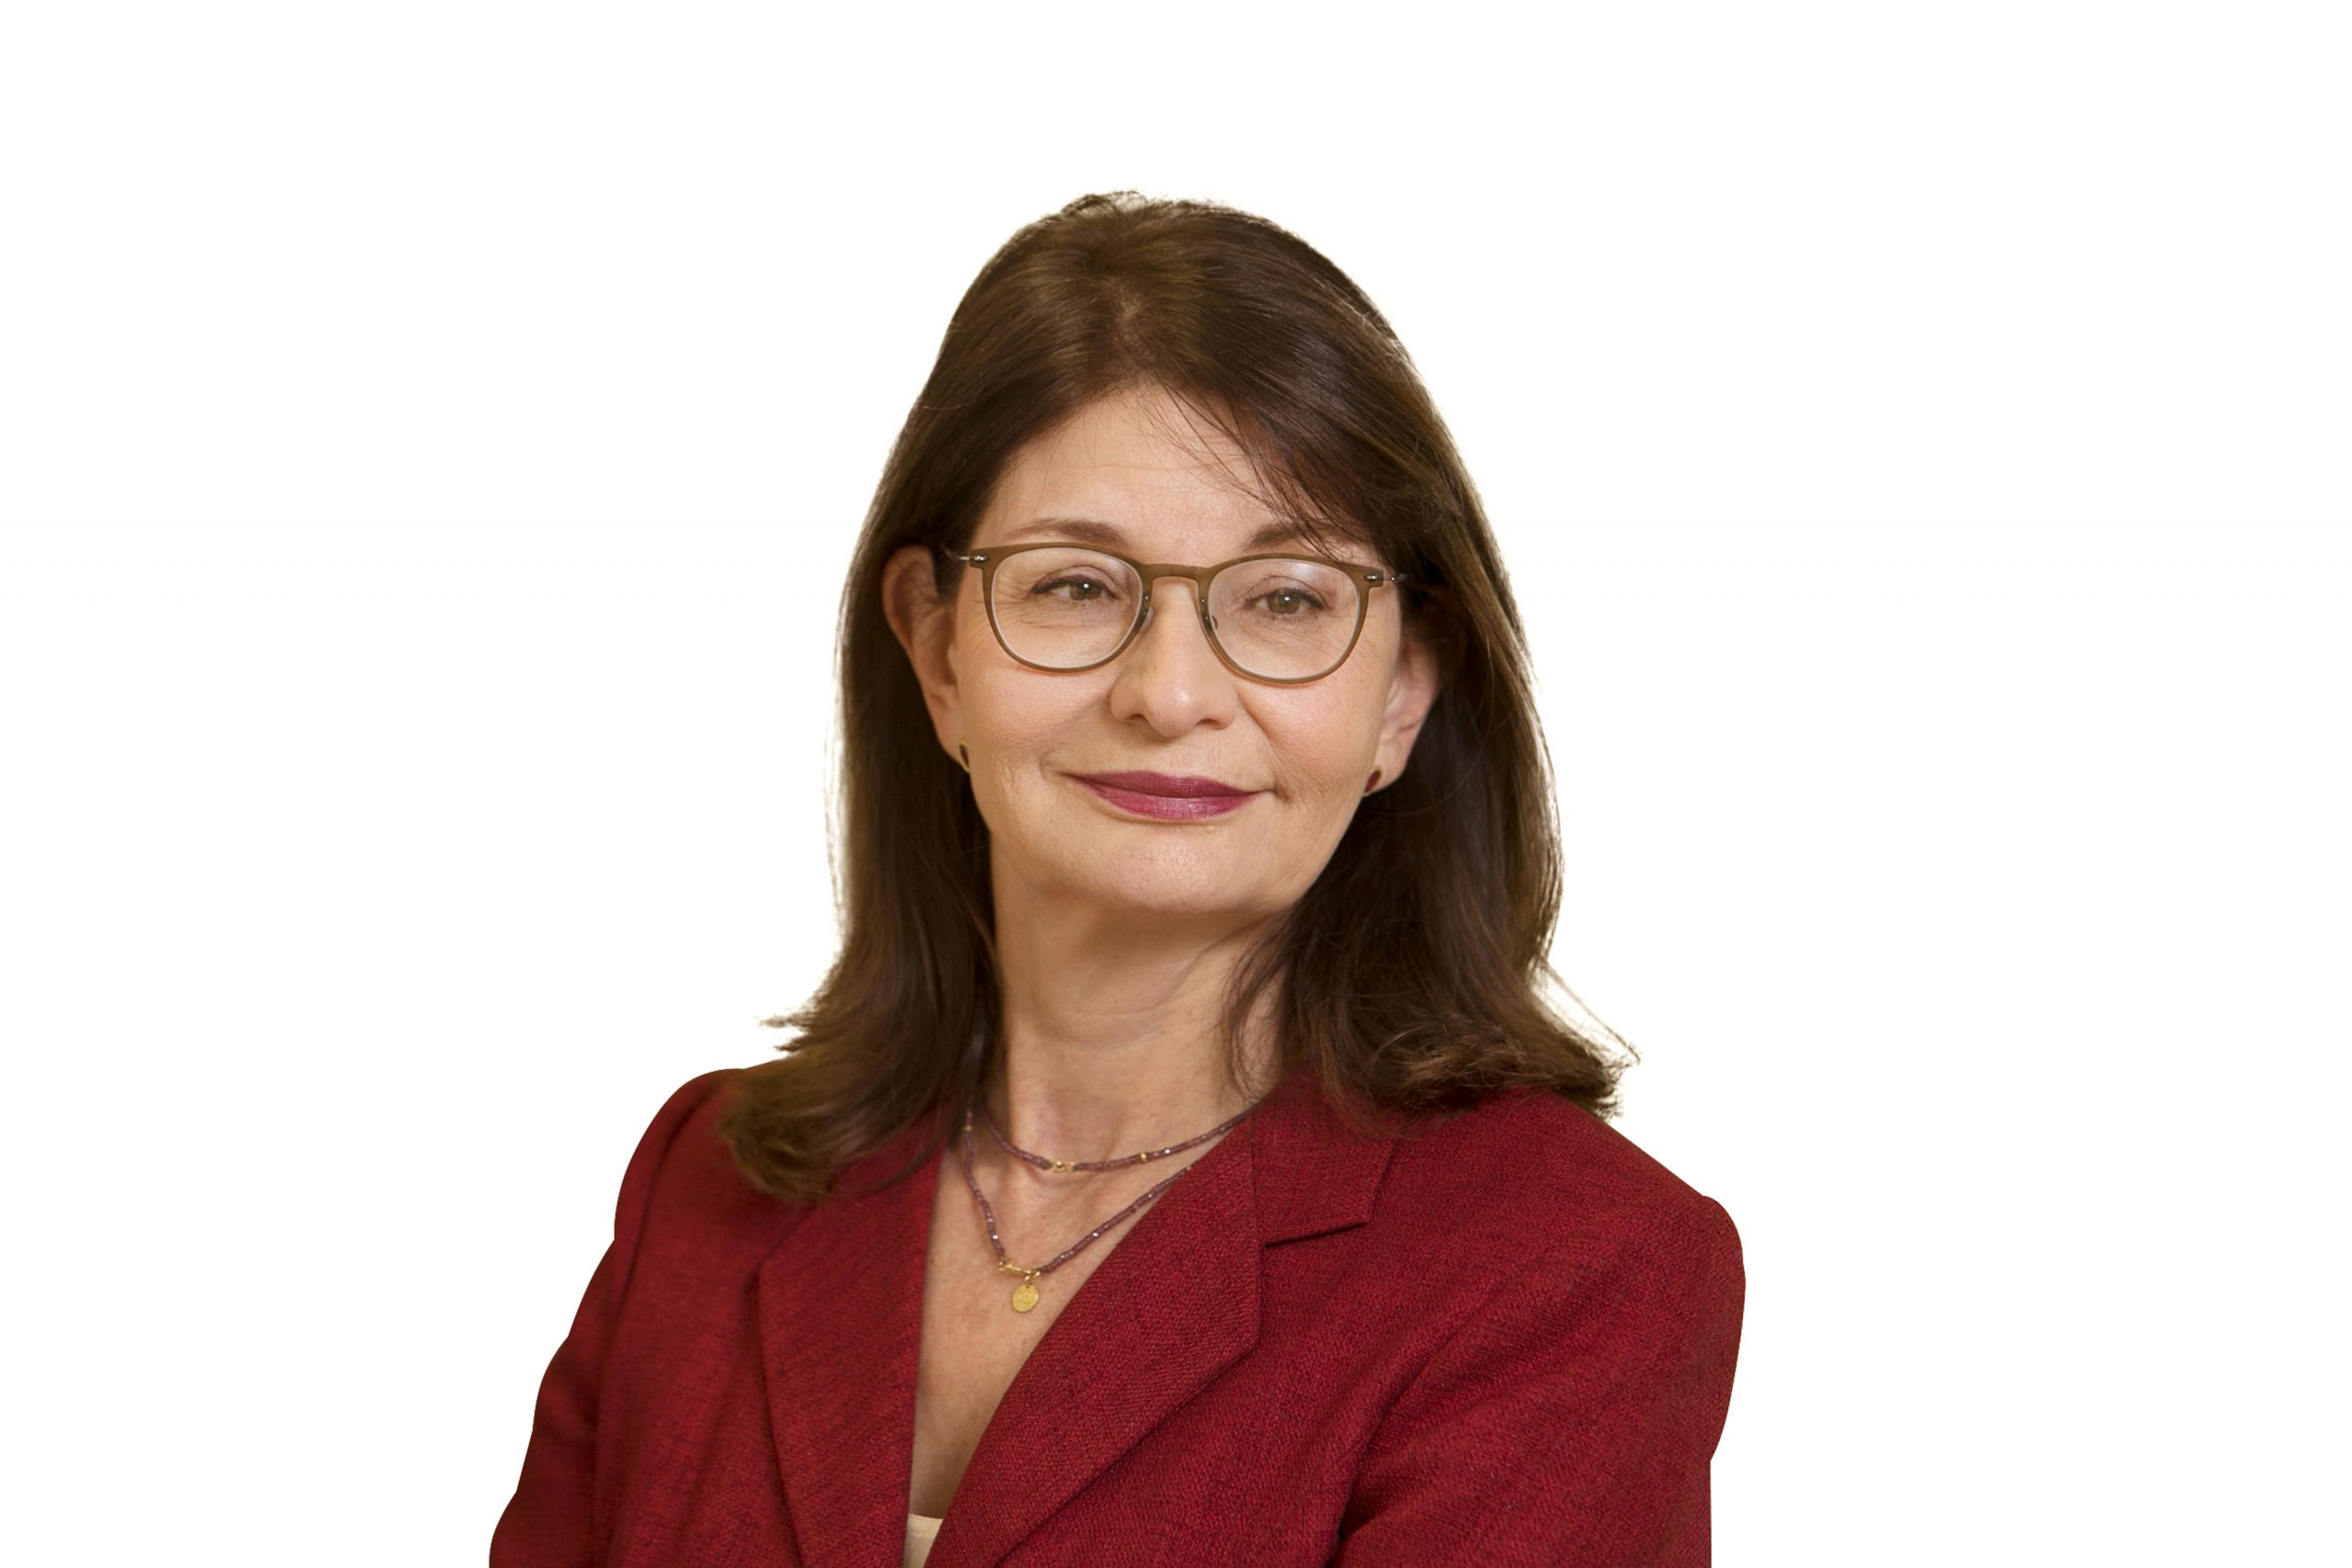 דפנה גילת, שותפה בכירה, ראש המחלקה המשפטית